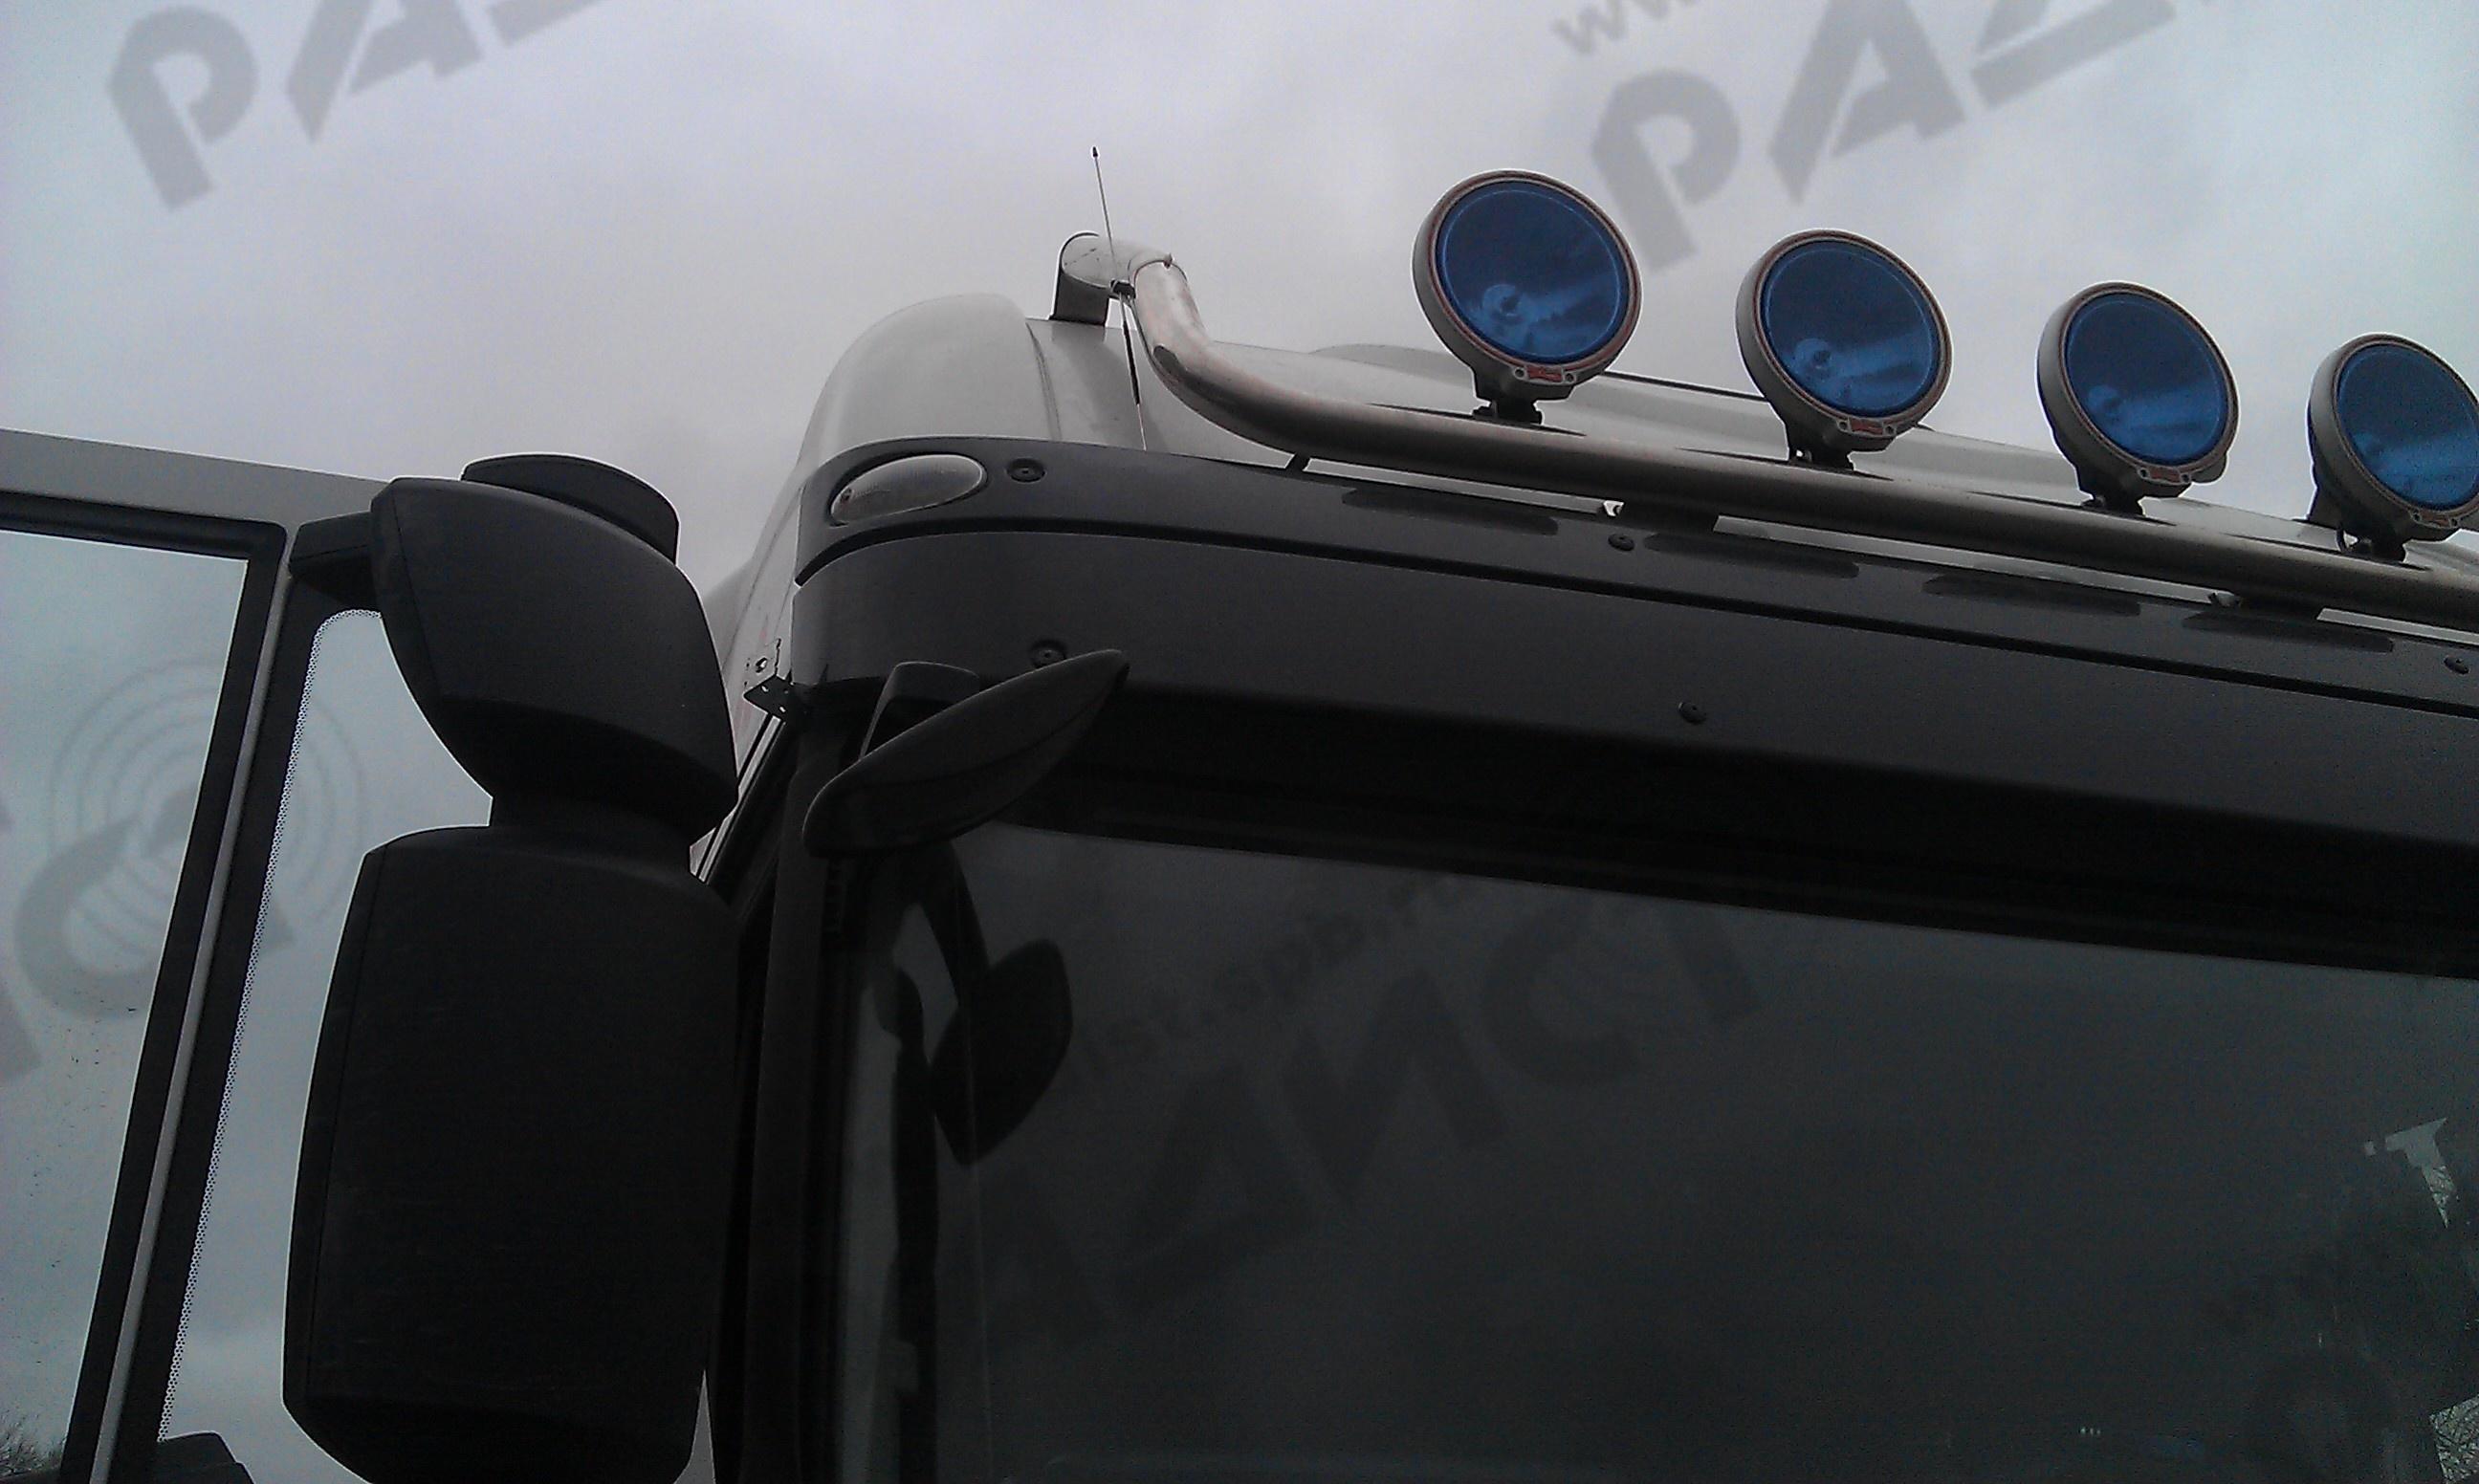 установка антенны вблизи мешающих проводящих конструкций